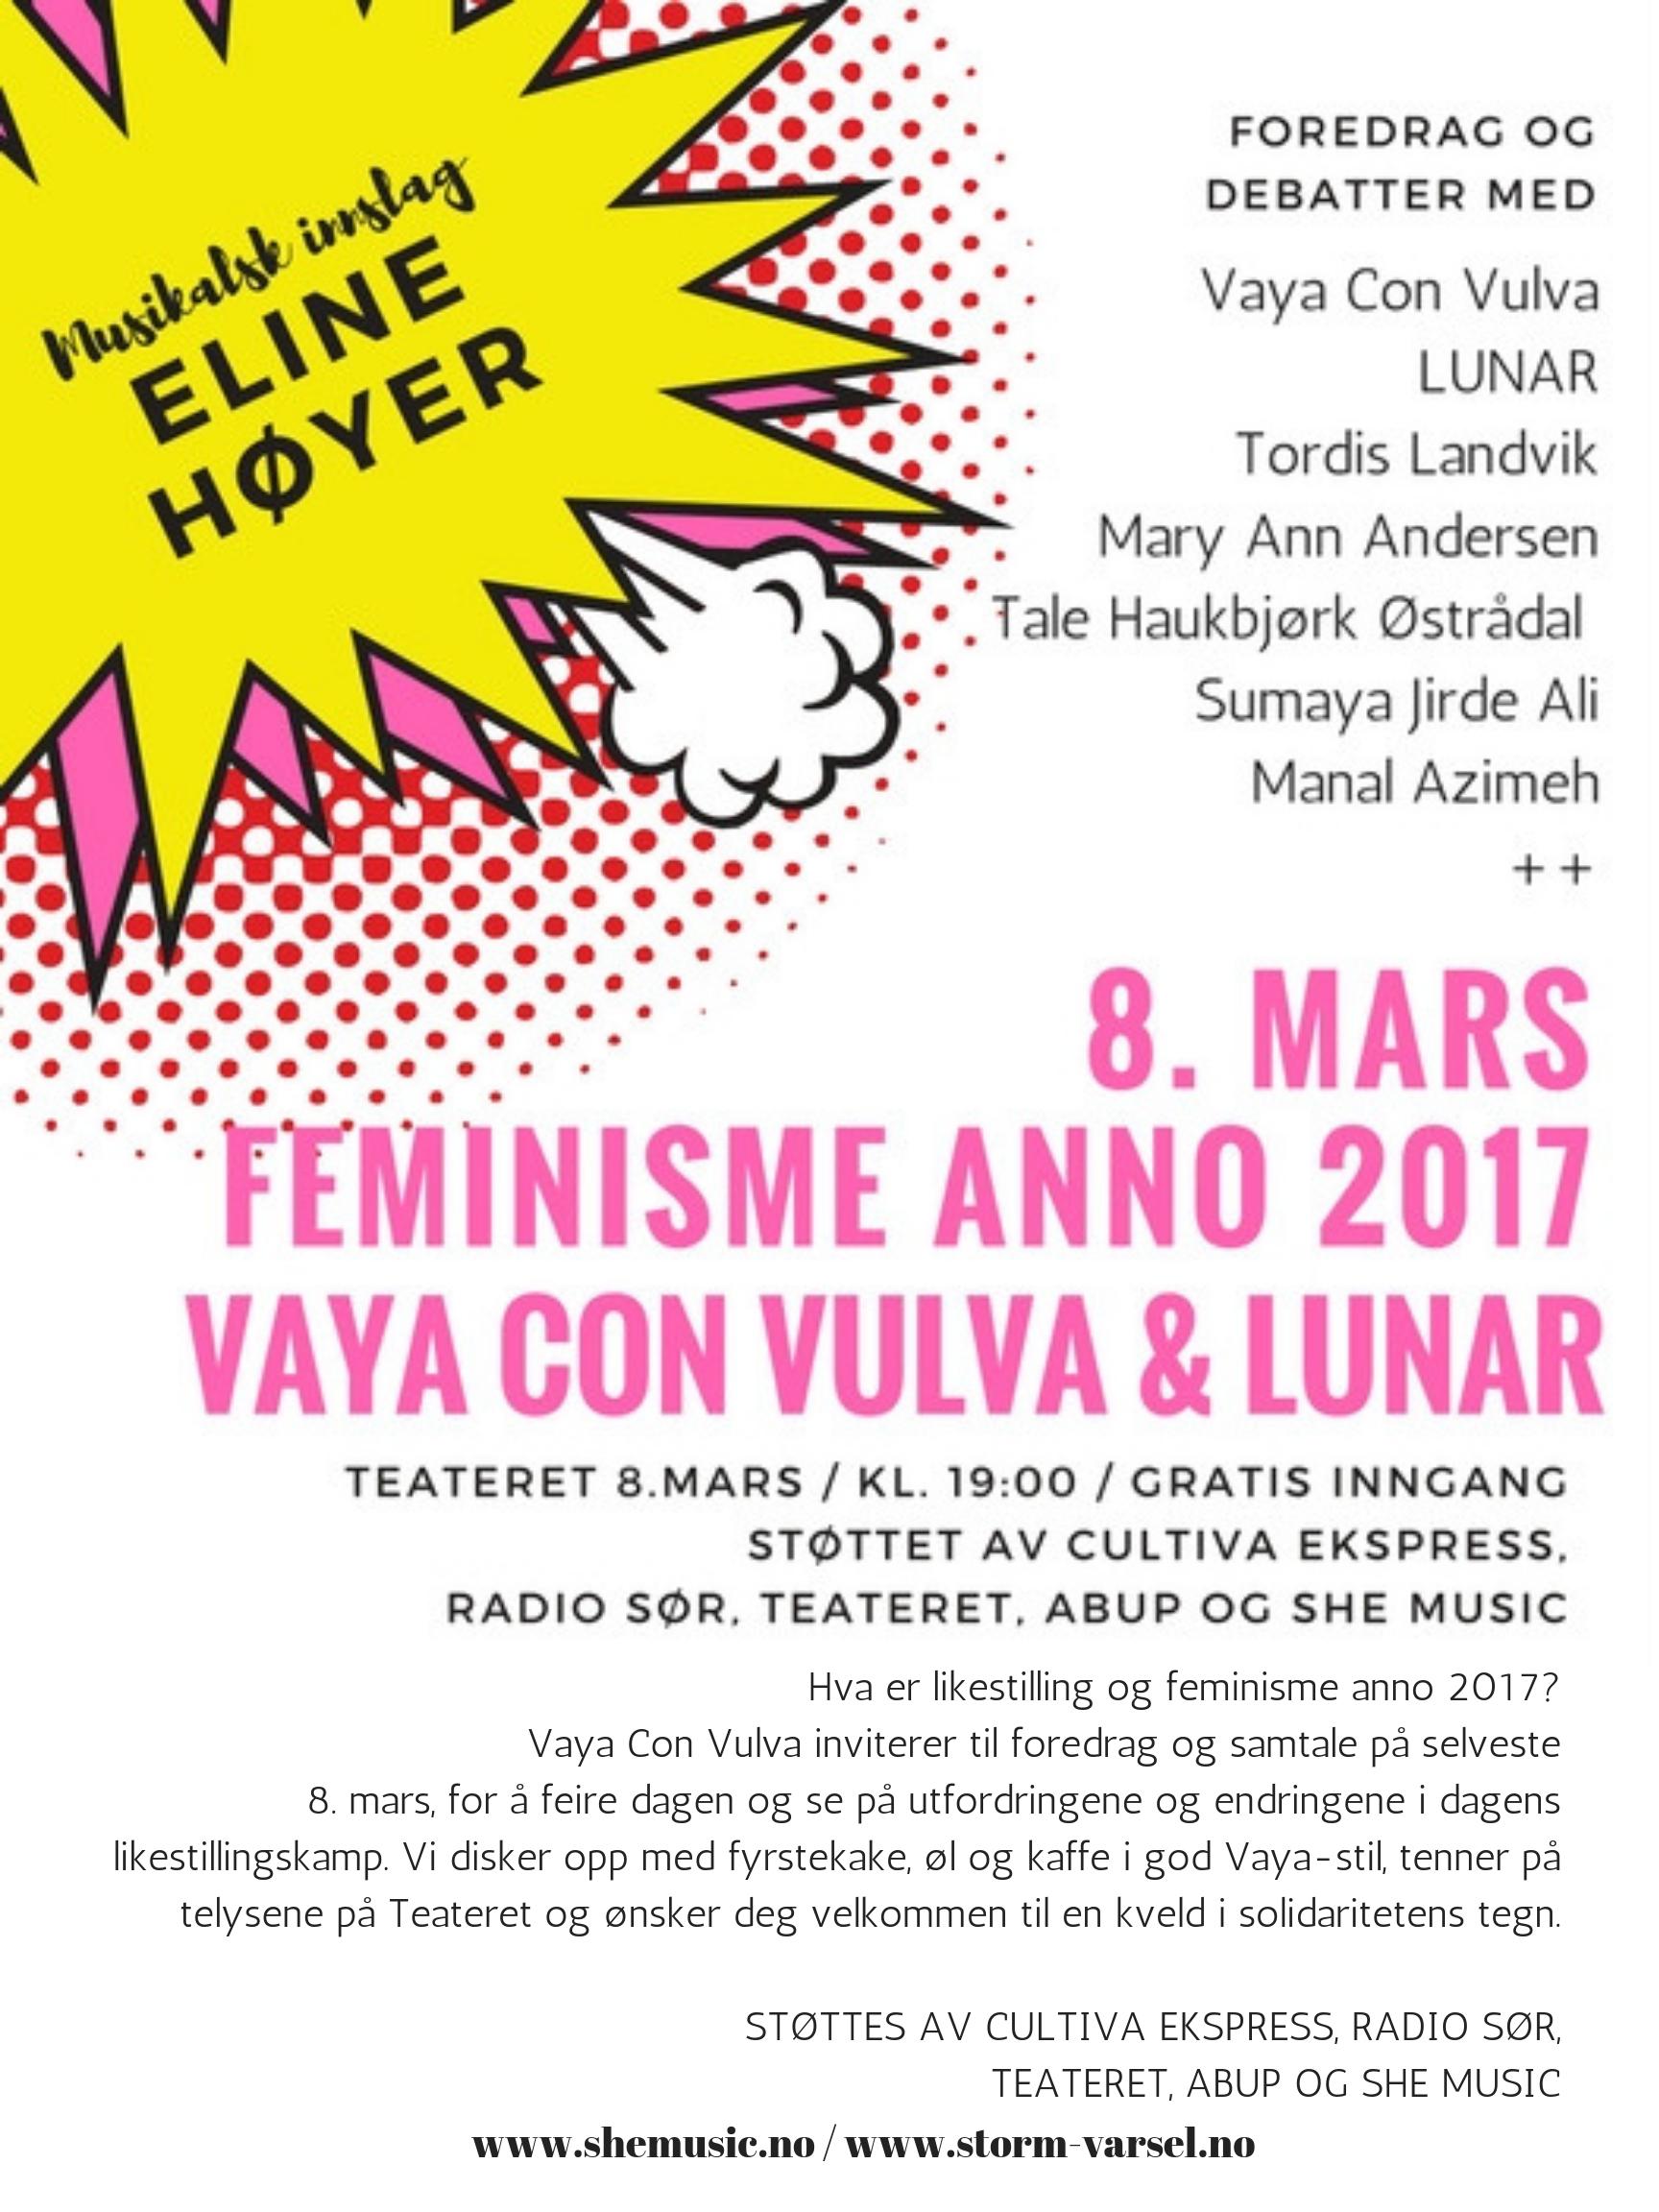 Hva er likestilling og feminisme anno 2017_ Vaya Con Vulva inviterer til foredrag og samtale på selveste 8. mars, for å feire dagen og se på utfordringene og endringene i dagens likestillingskamp. Vi disker opp med f.jpg